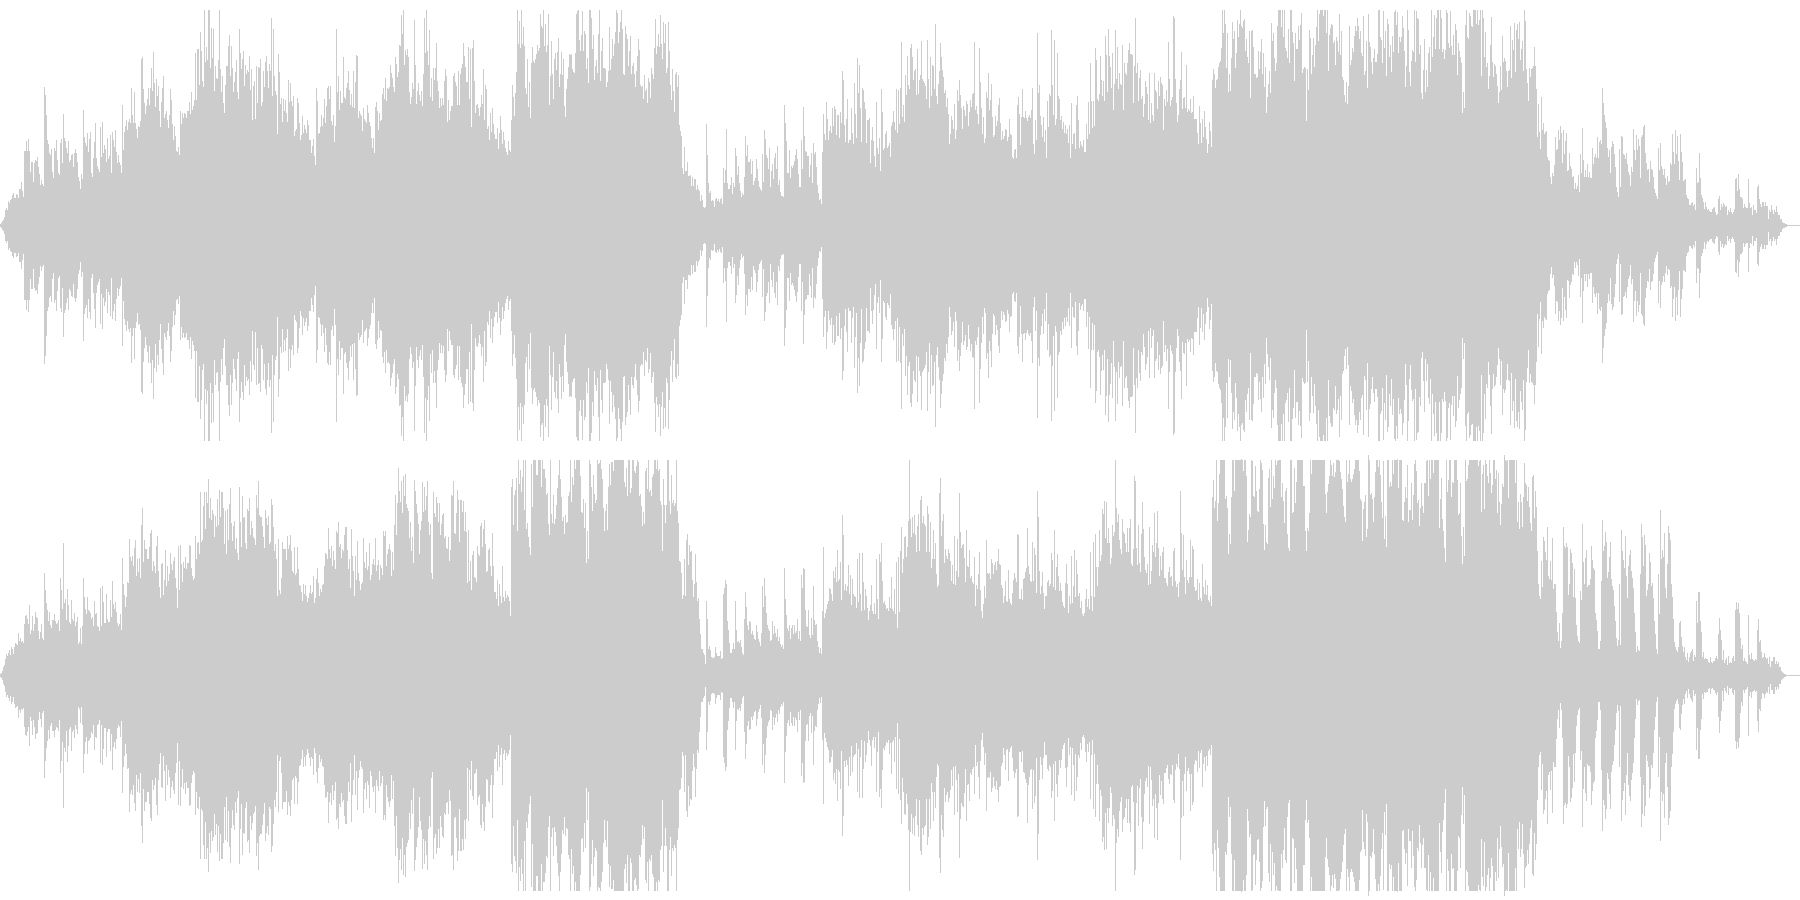 和楽器を使用した暗いアンビエント、映像にの未再生の波形